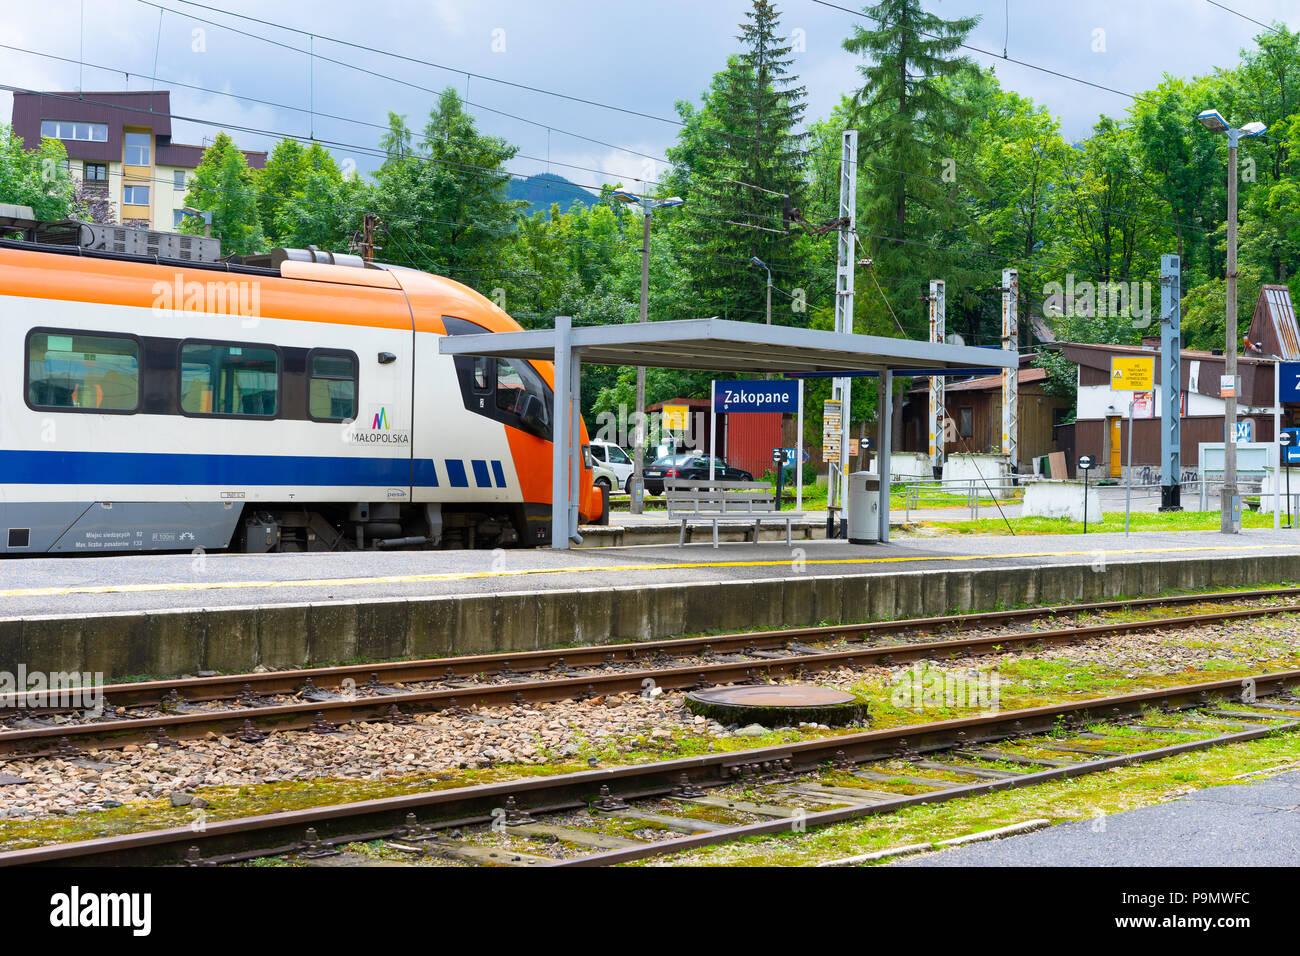 Malopolska Train at Zakopane rail station, Zakopane, South Poland, Europe, - Stock Image